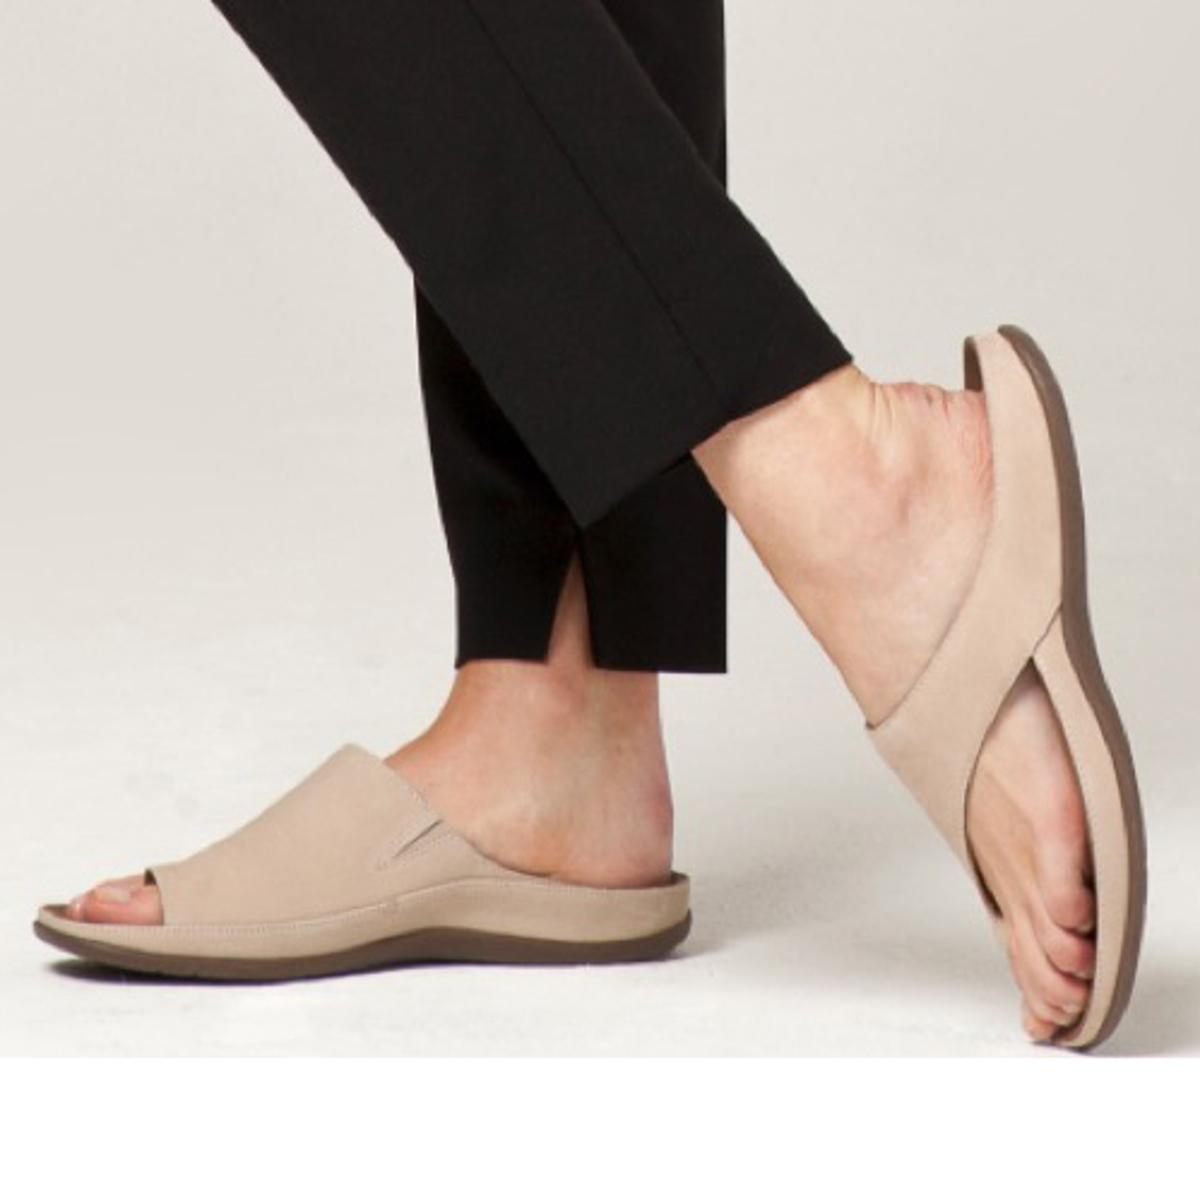 スニーカー感覚で歩き回れる「サンダル」|CAPRIマイクロファイバーインソール(22-22.5cm) 独自開発の立体インソールで、スニーカーみたいに歩き回れる「サンダル」